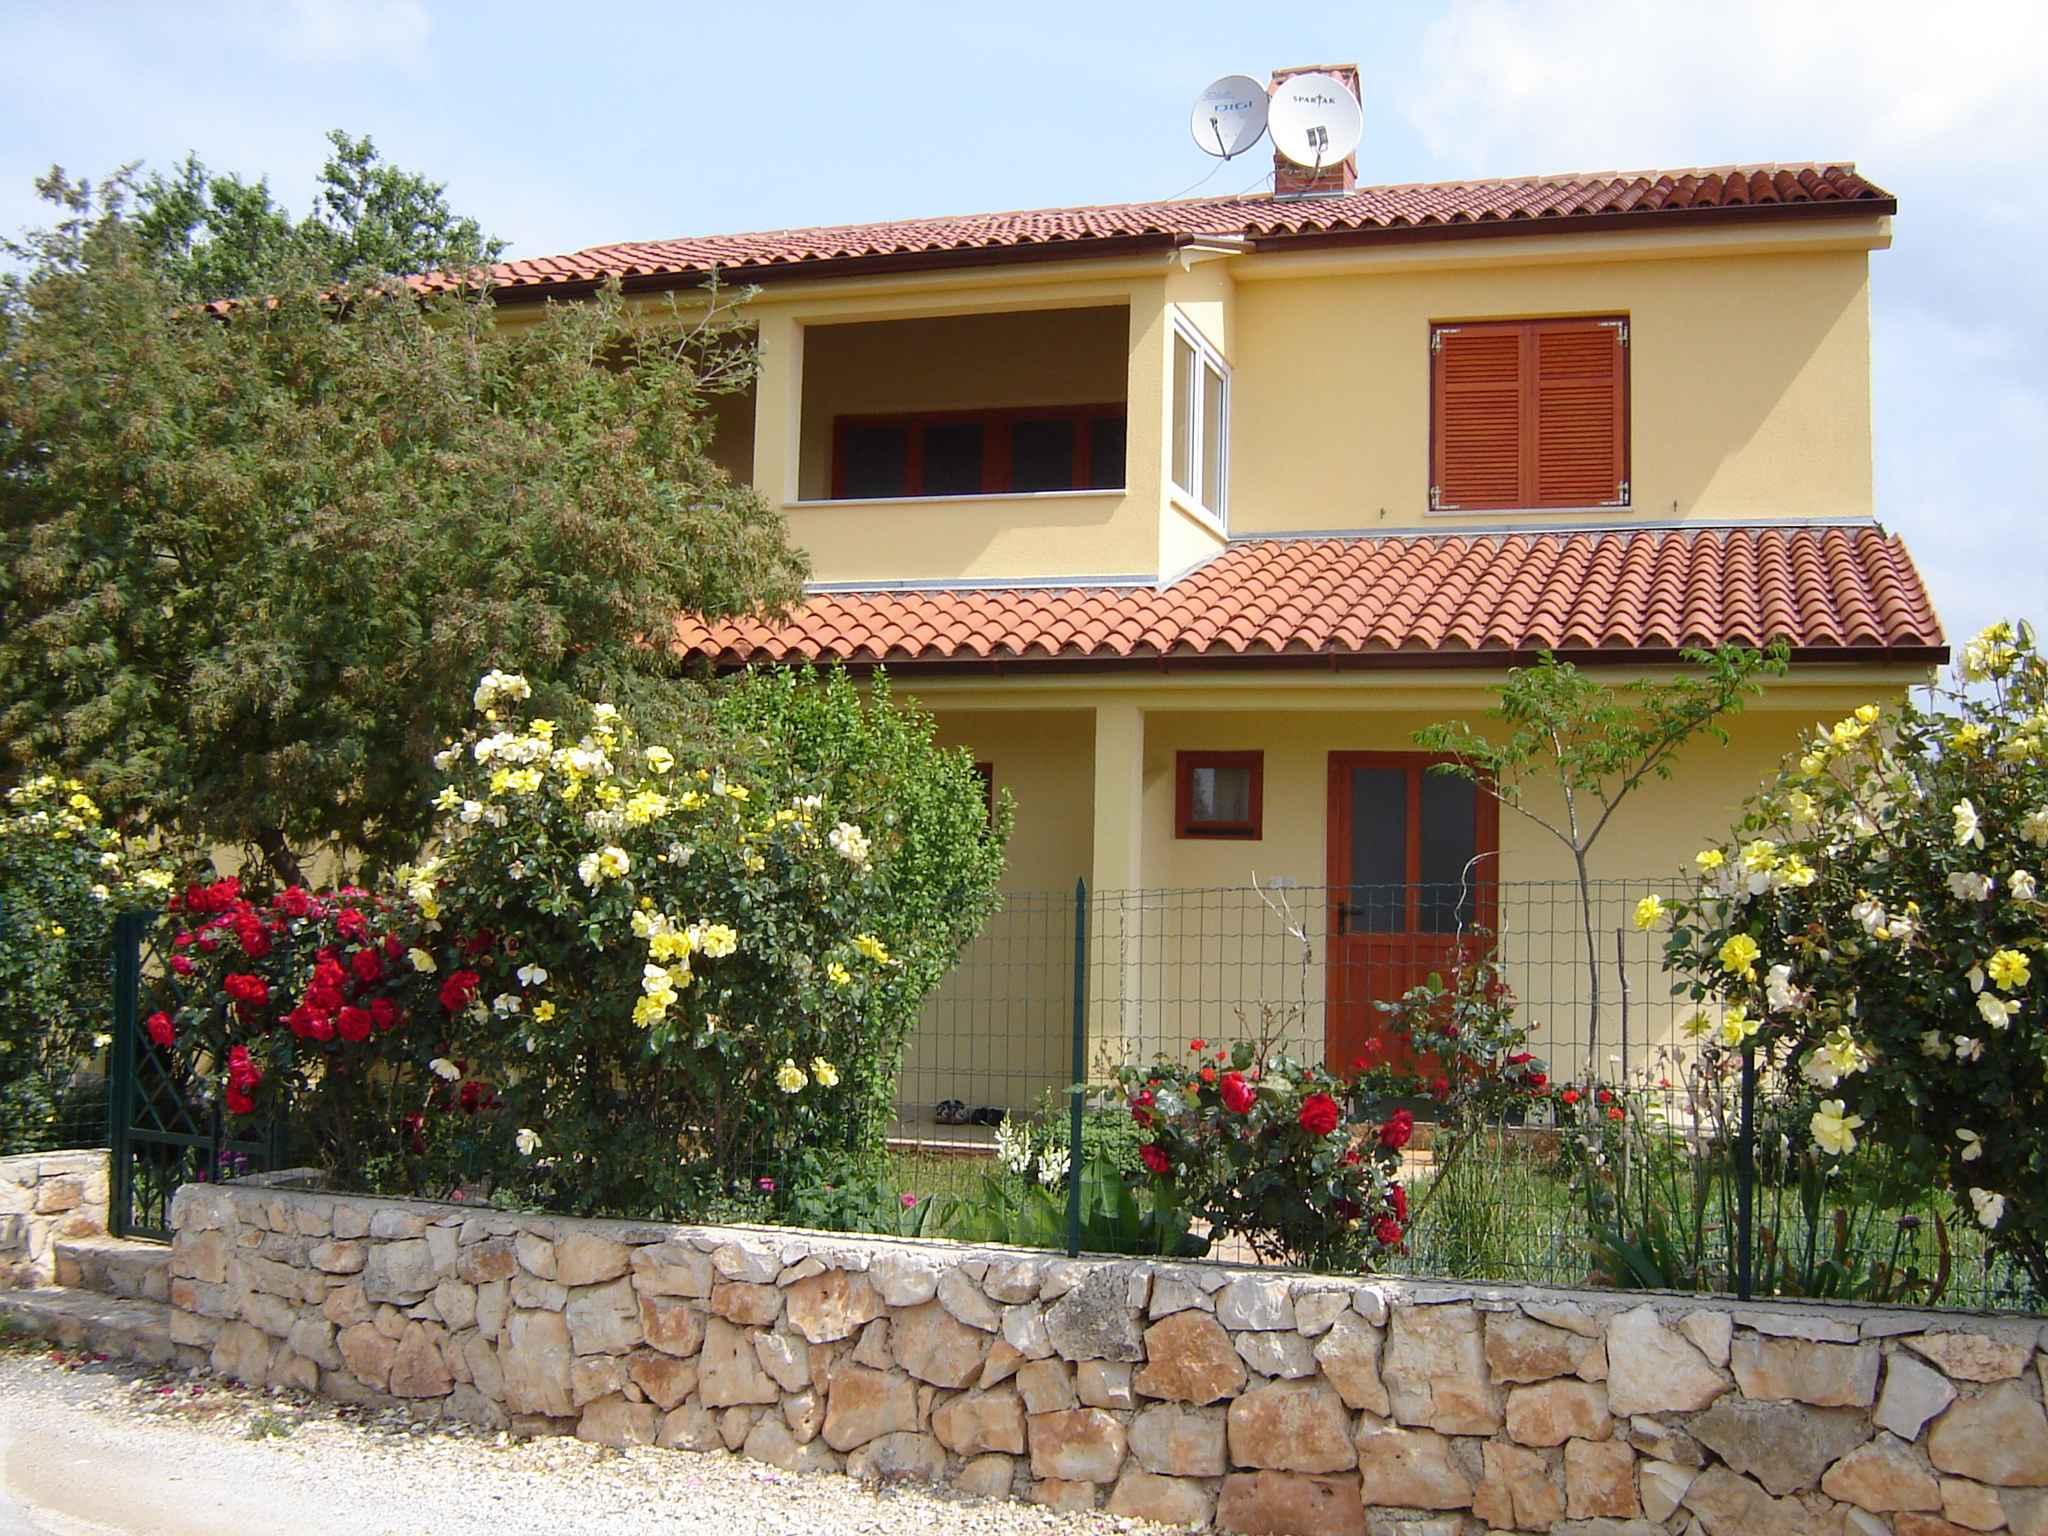 Ferienwohnung mit SAT-TV in ruhiger Lage (280672), Pula, , Istrien, Kroatien, Bild 3